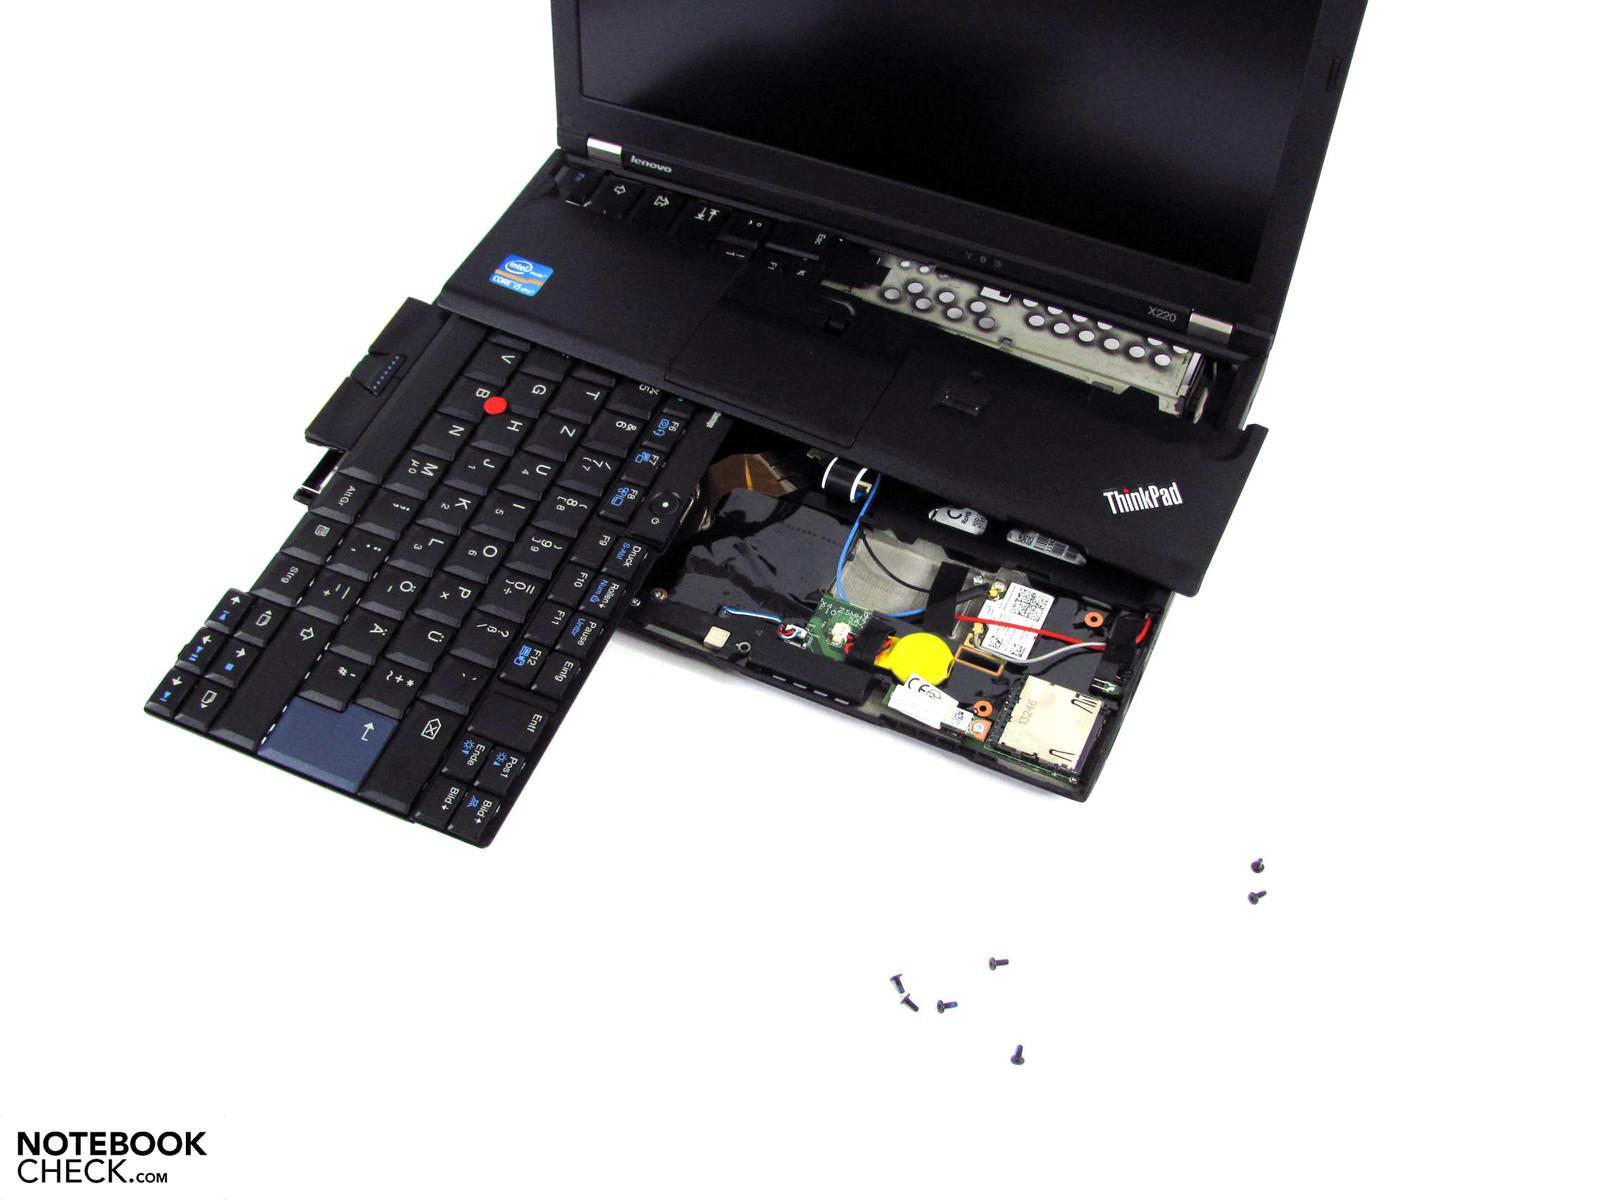 Review Lenovo Thinkpad X220 Ips Subnotebook